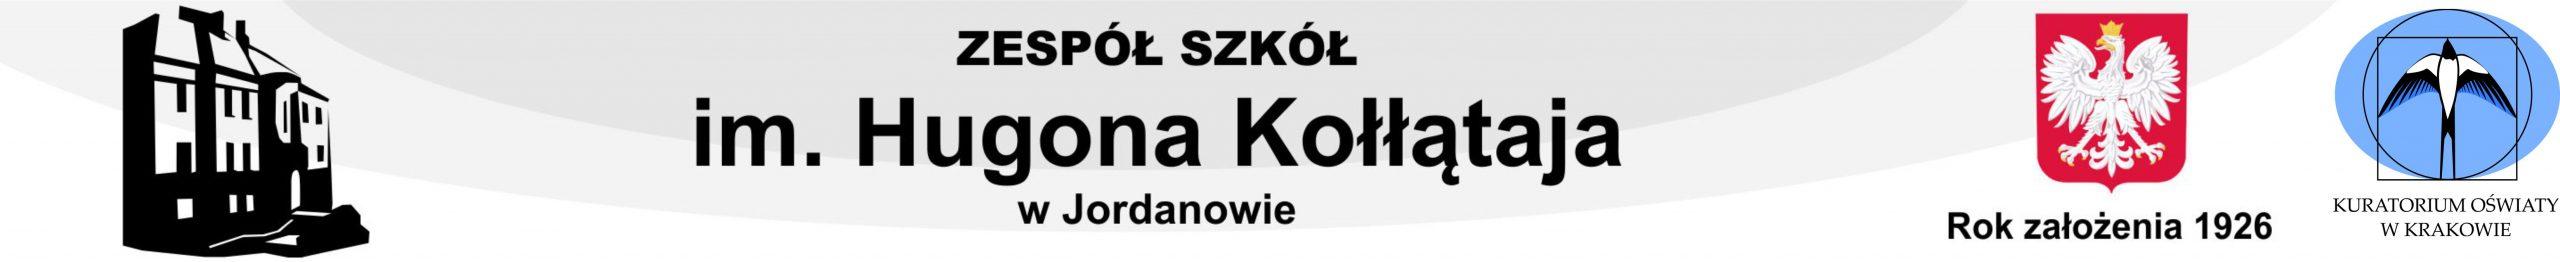 Zespół Szkół im. Hugona Kołłątaja w Jordanowie